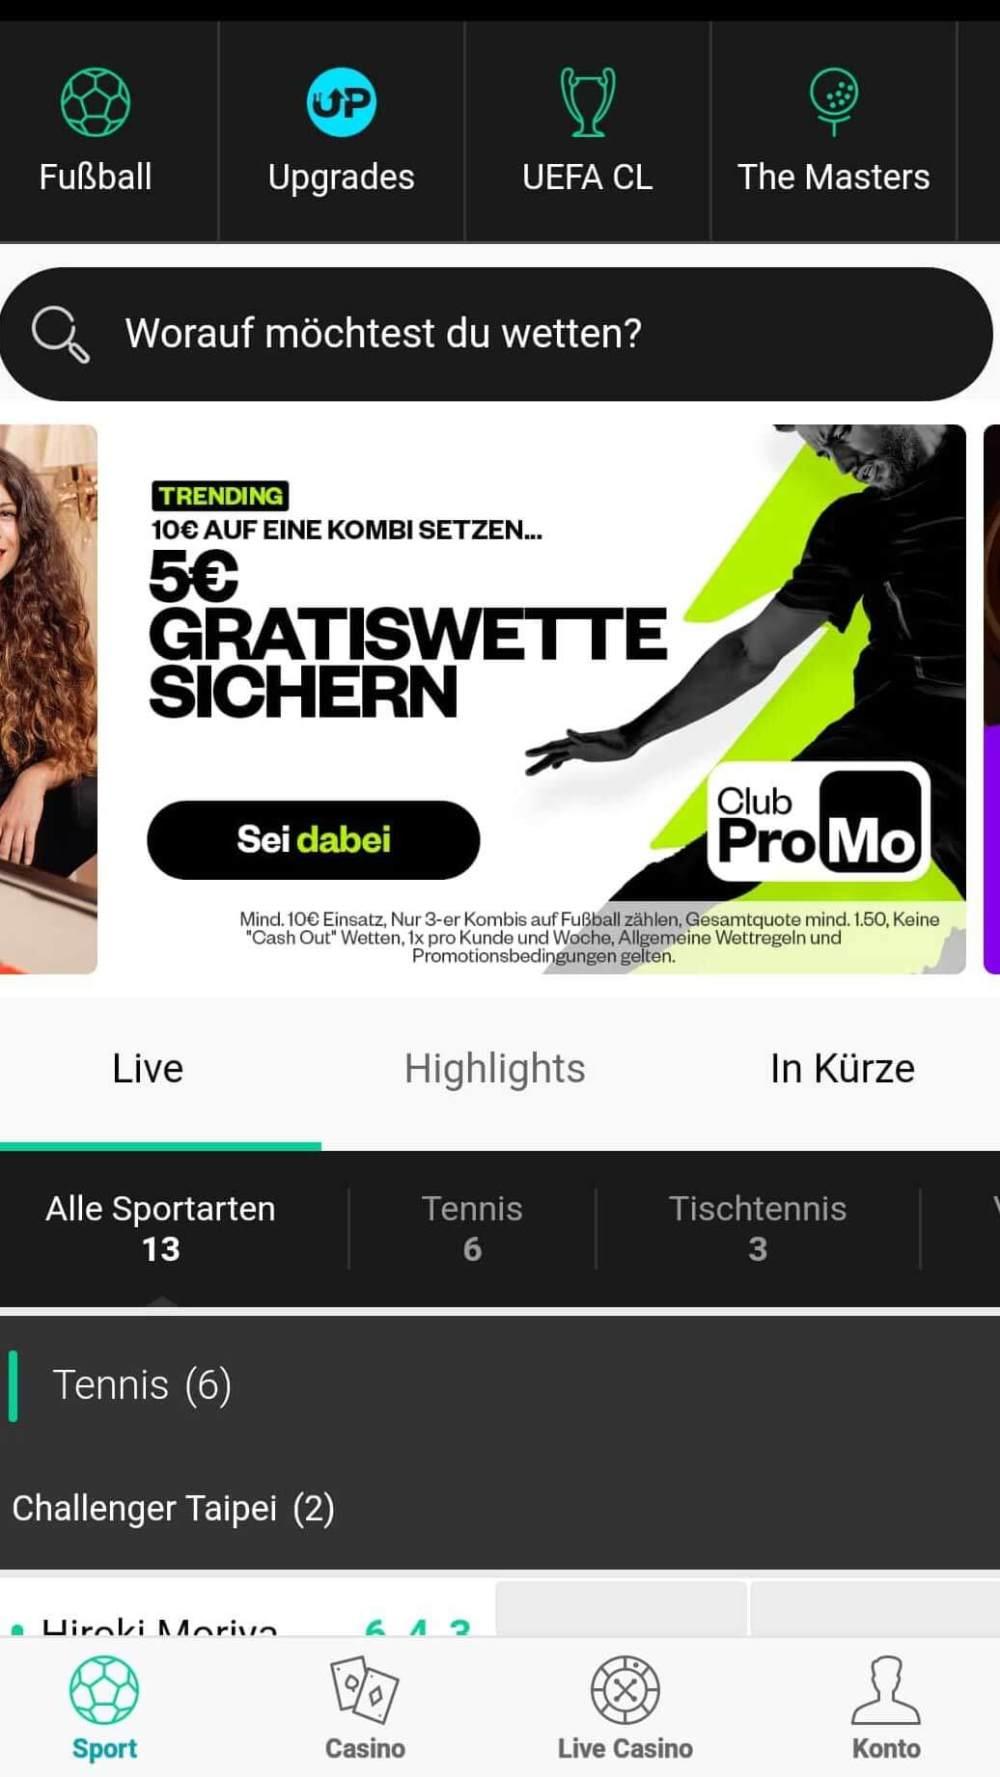 medium resolution of moplay app download f r ios android bewertung 2019 moplay app pferdewetten online